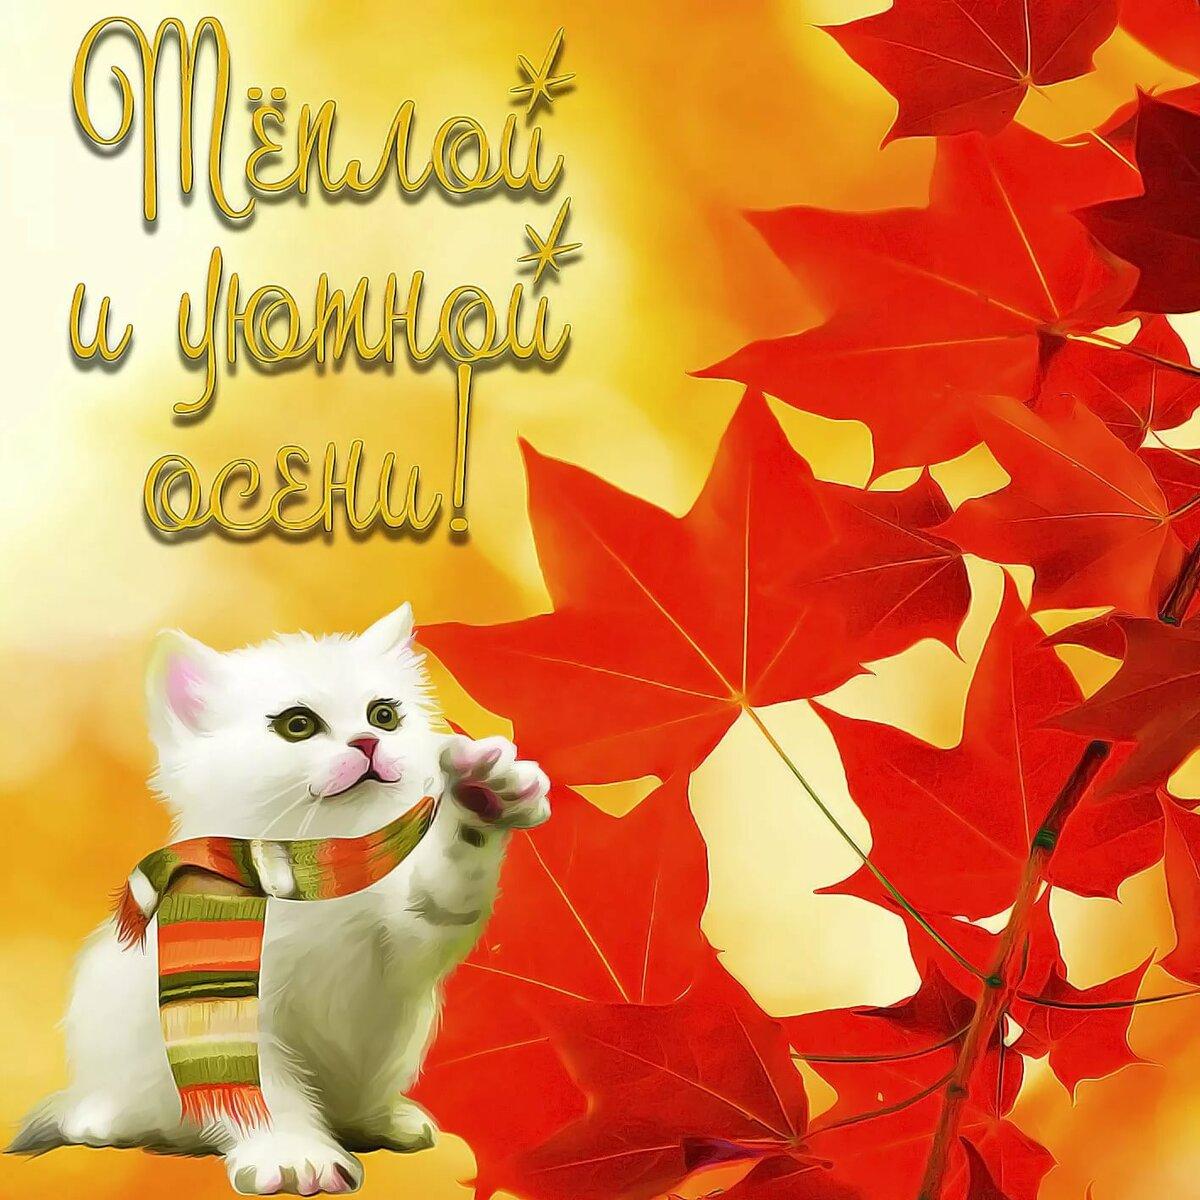 утилиты, красивые картинки октября с пожеланиями тех пор прошло